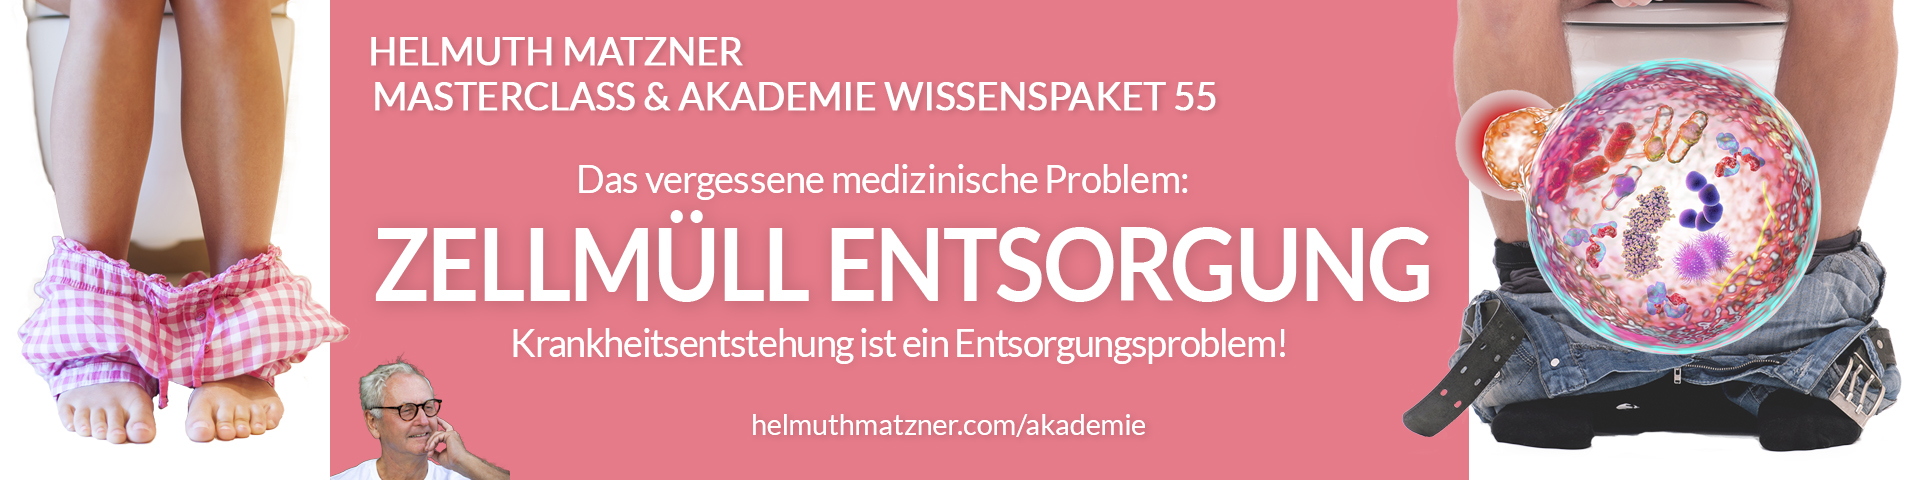 Helmuth Matzner - Masterclass & Akademie Wissenspaket 55 - Zellmüll Entsorgung - LP-BANNER v02